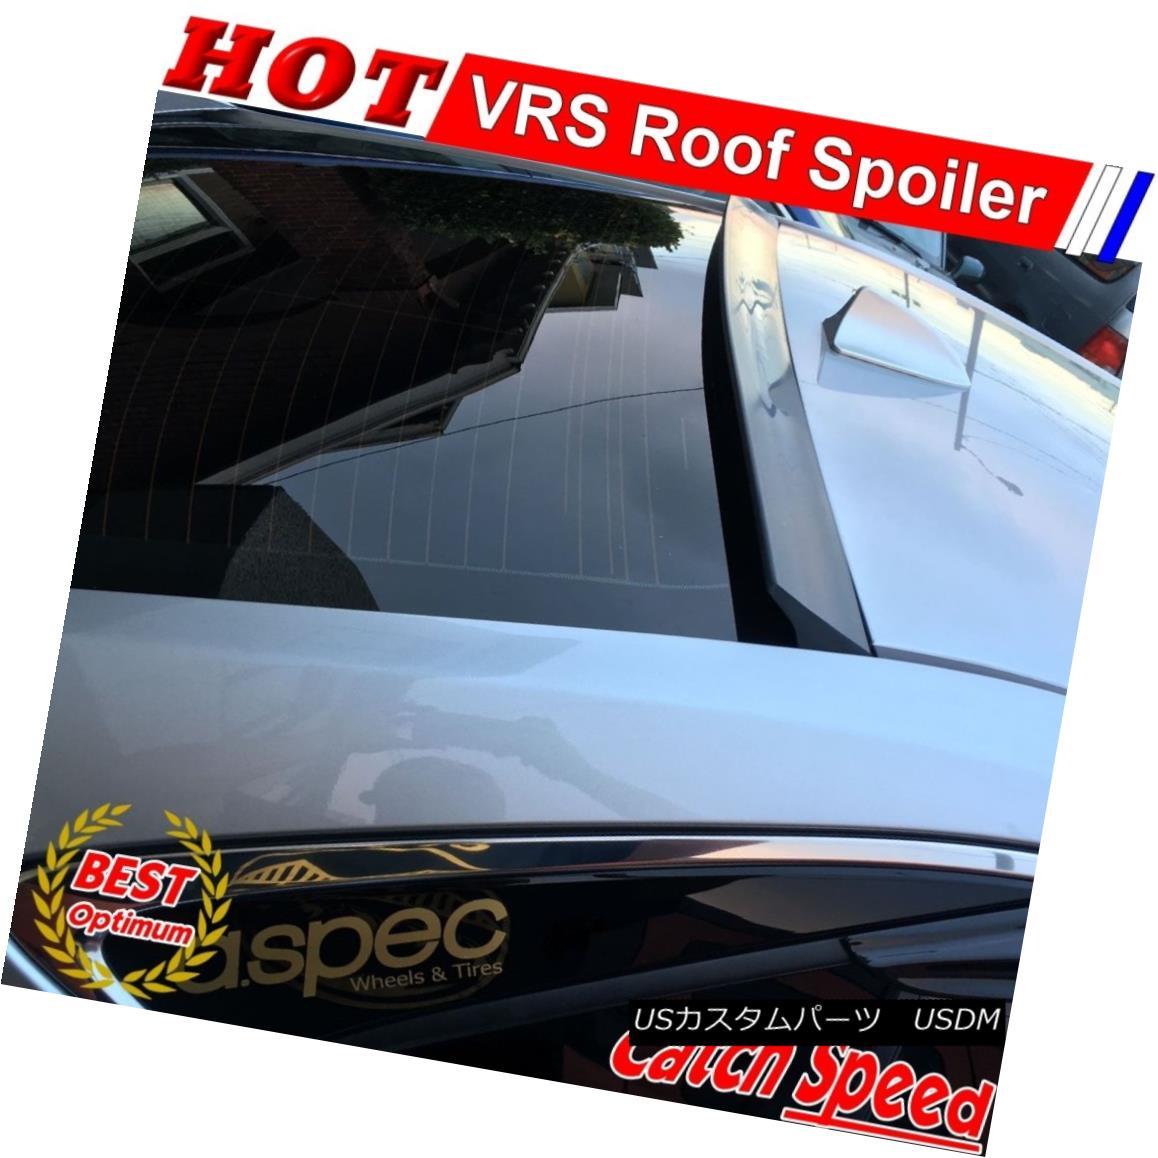 エアロパーツ Flat Black VRS Type Rear Roof Spoiler For Volkswagen PASSAT NMS Sedan 2012~14 フォルクスワーゲンPASSAT NMSセダン用フラットブラックVSタイプリアルーフスポイラー2012?14